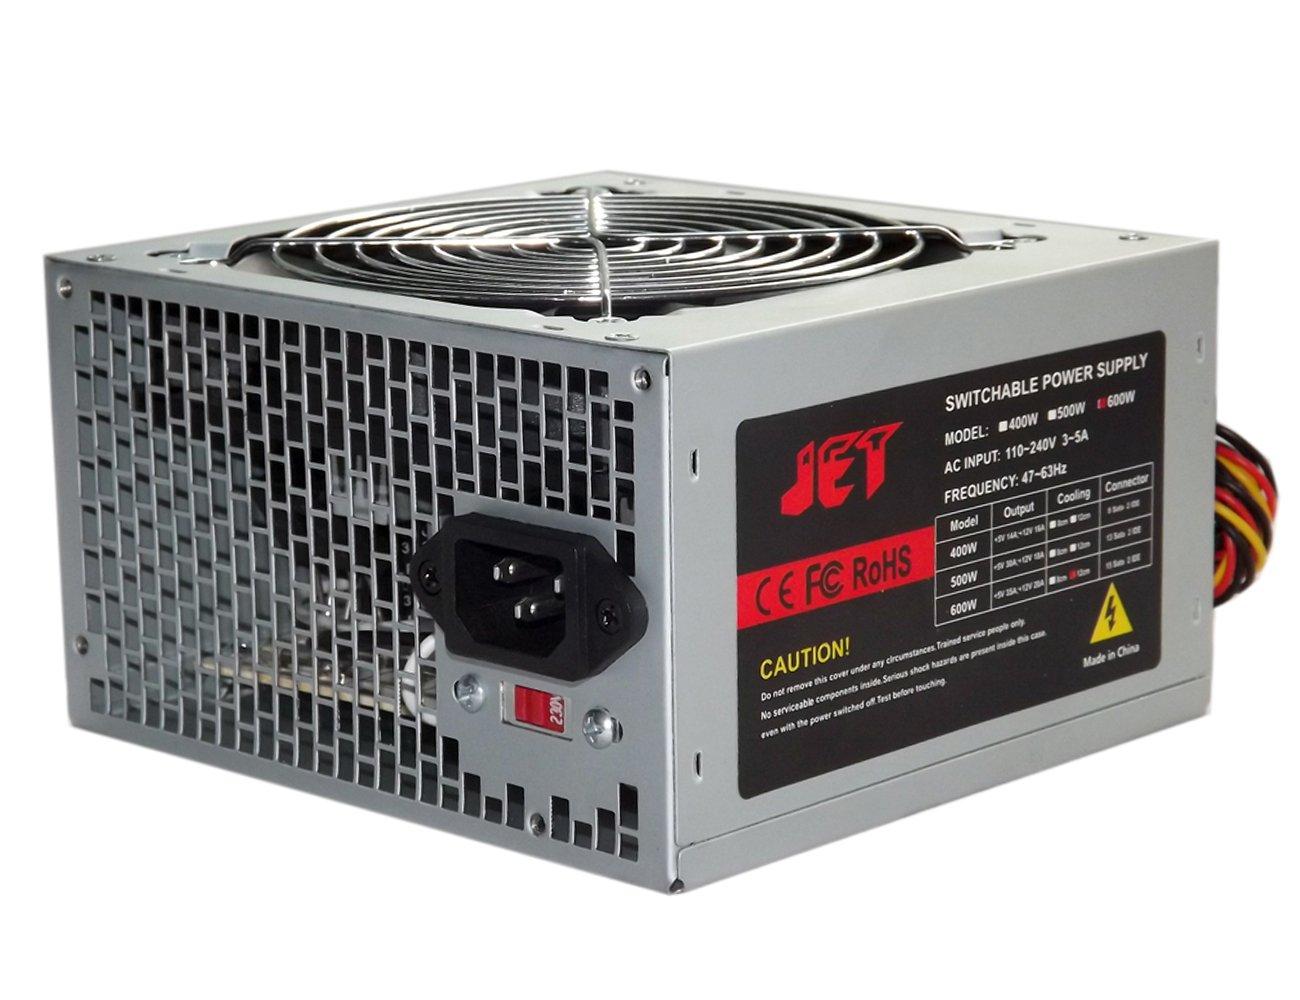 Jet Digital 600W Power Supply 12cm Fan 15 Sata 2 IDE for 11bay 12bay 13bay Duplicator Case